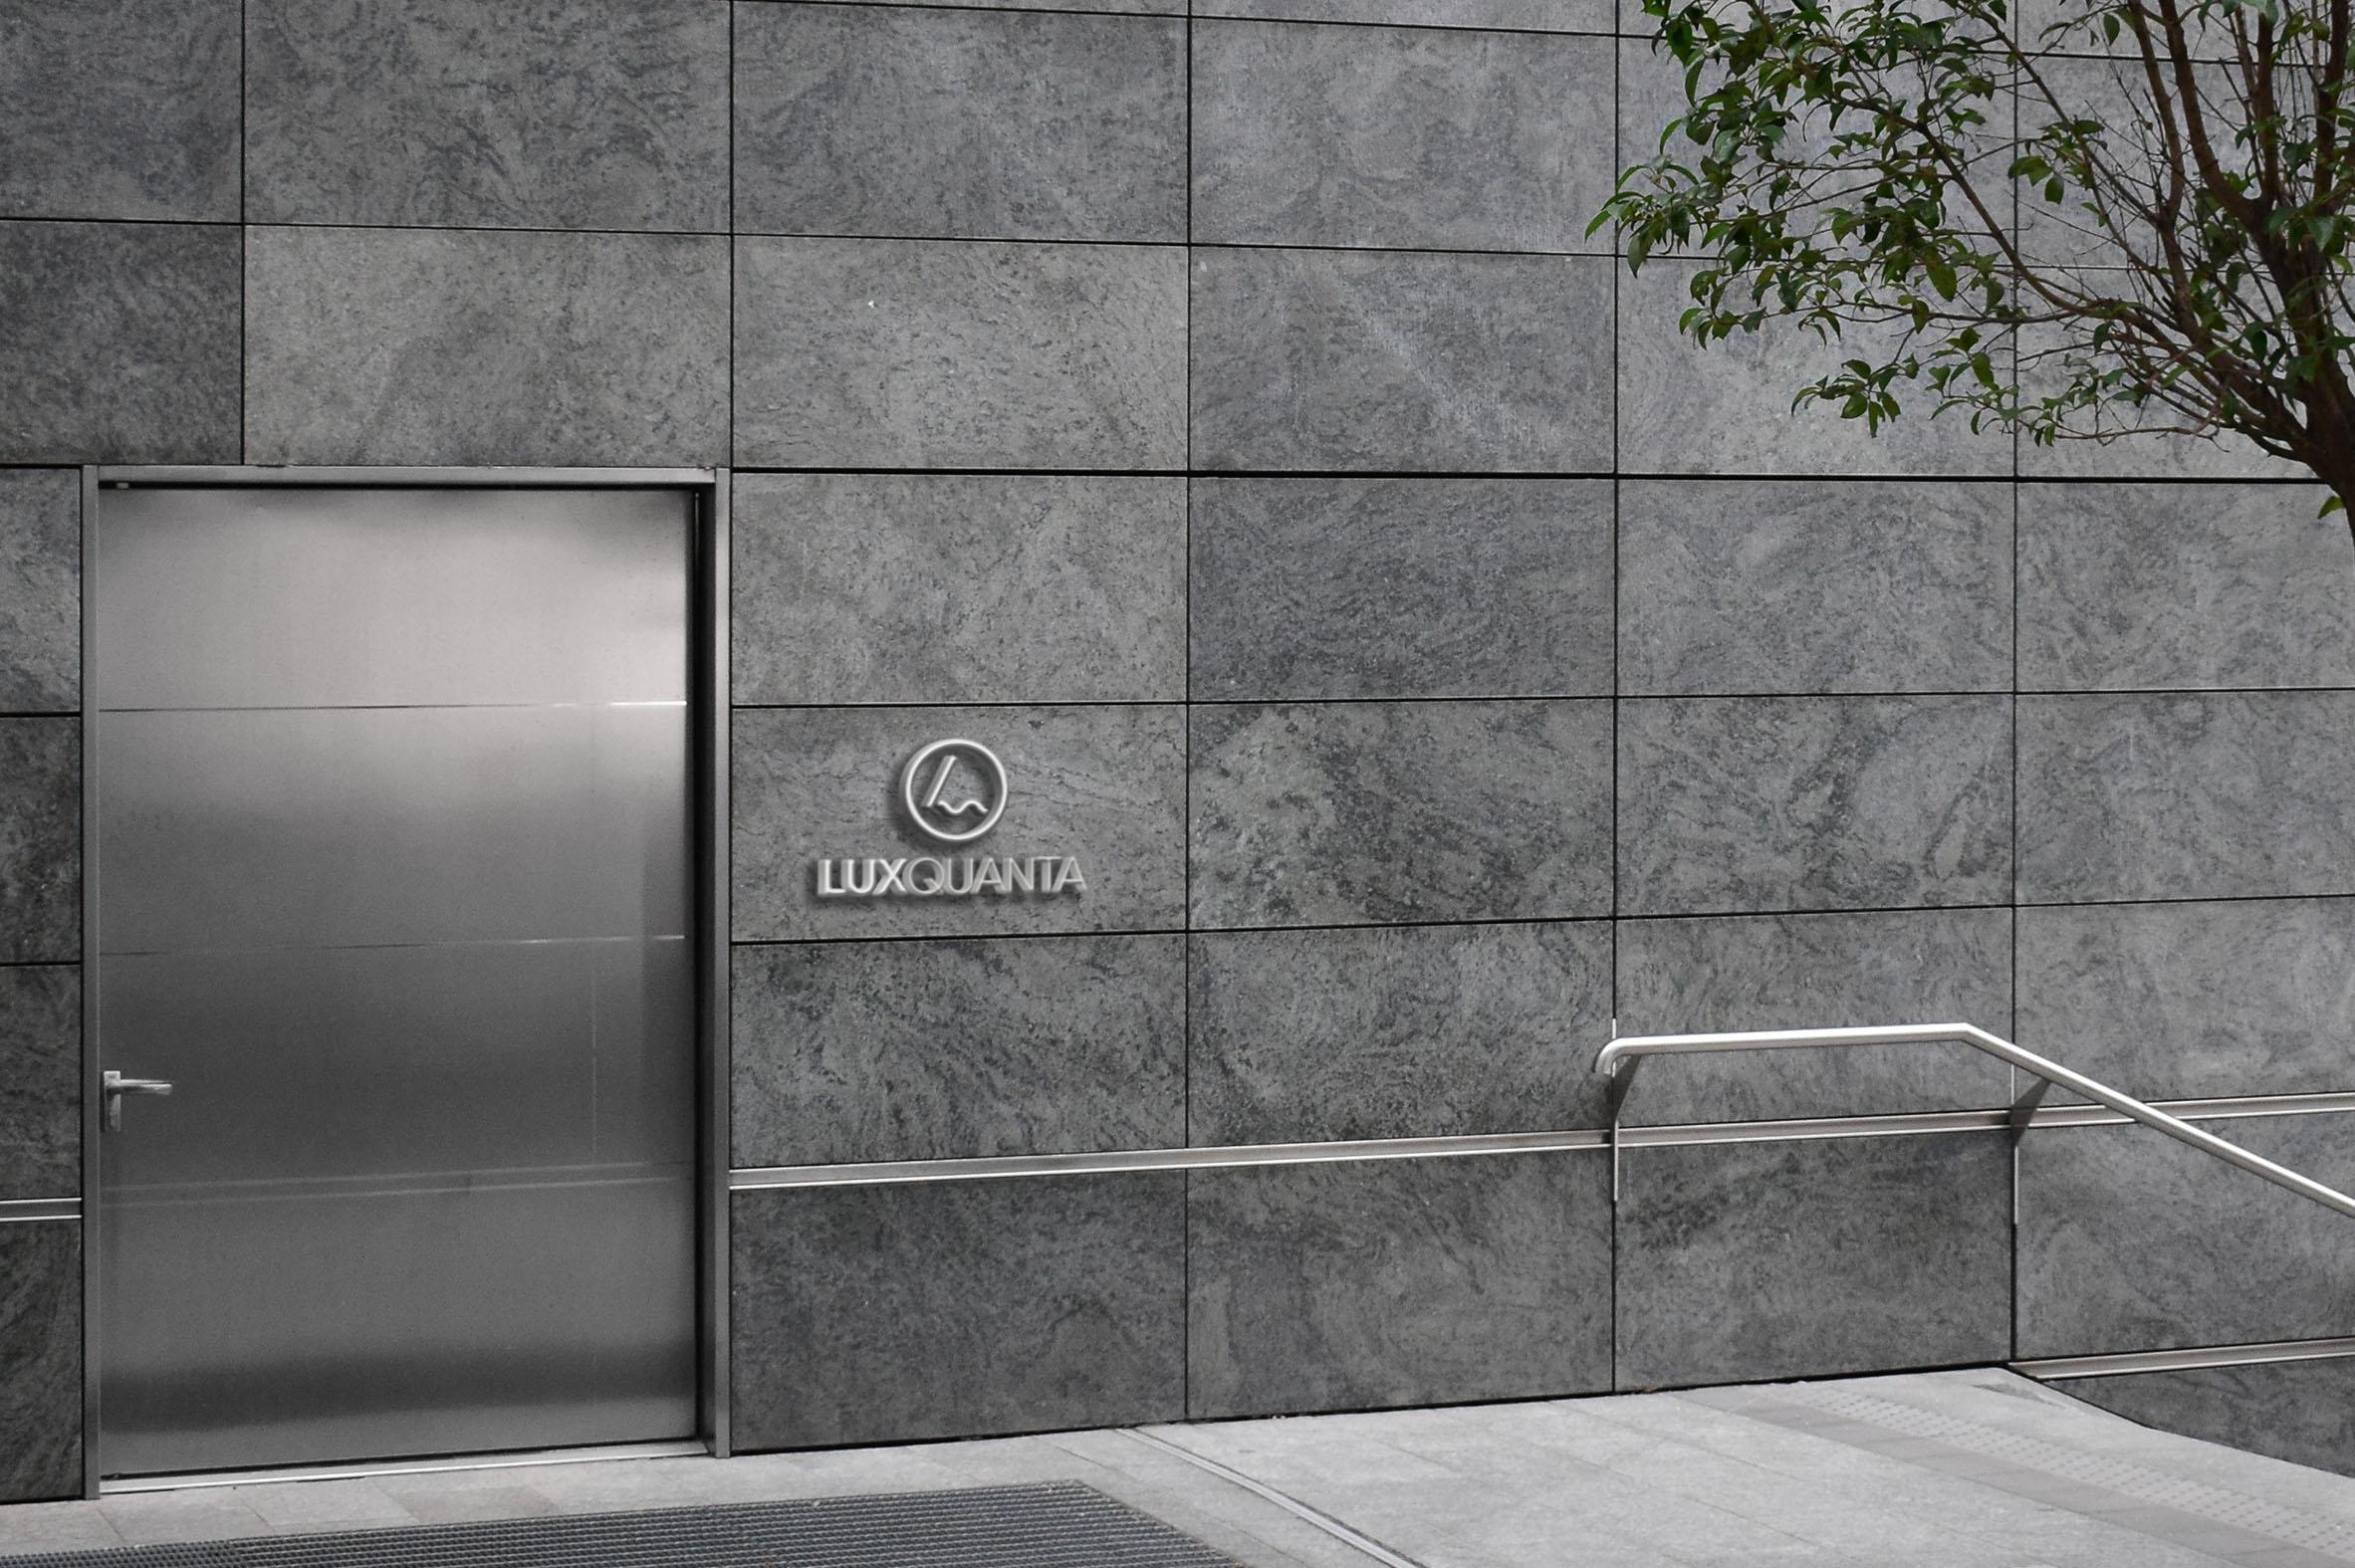 LuxQuanta-logo-design-signage